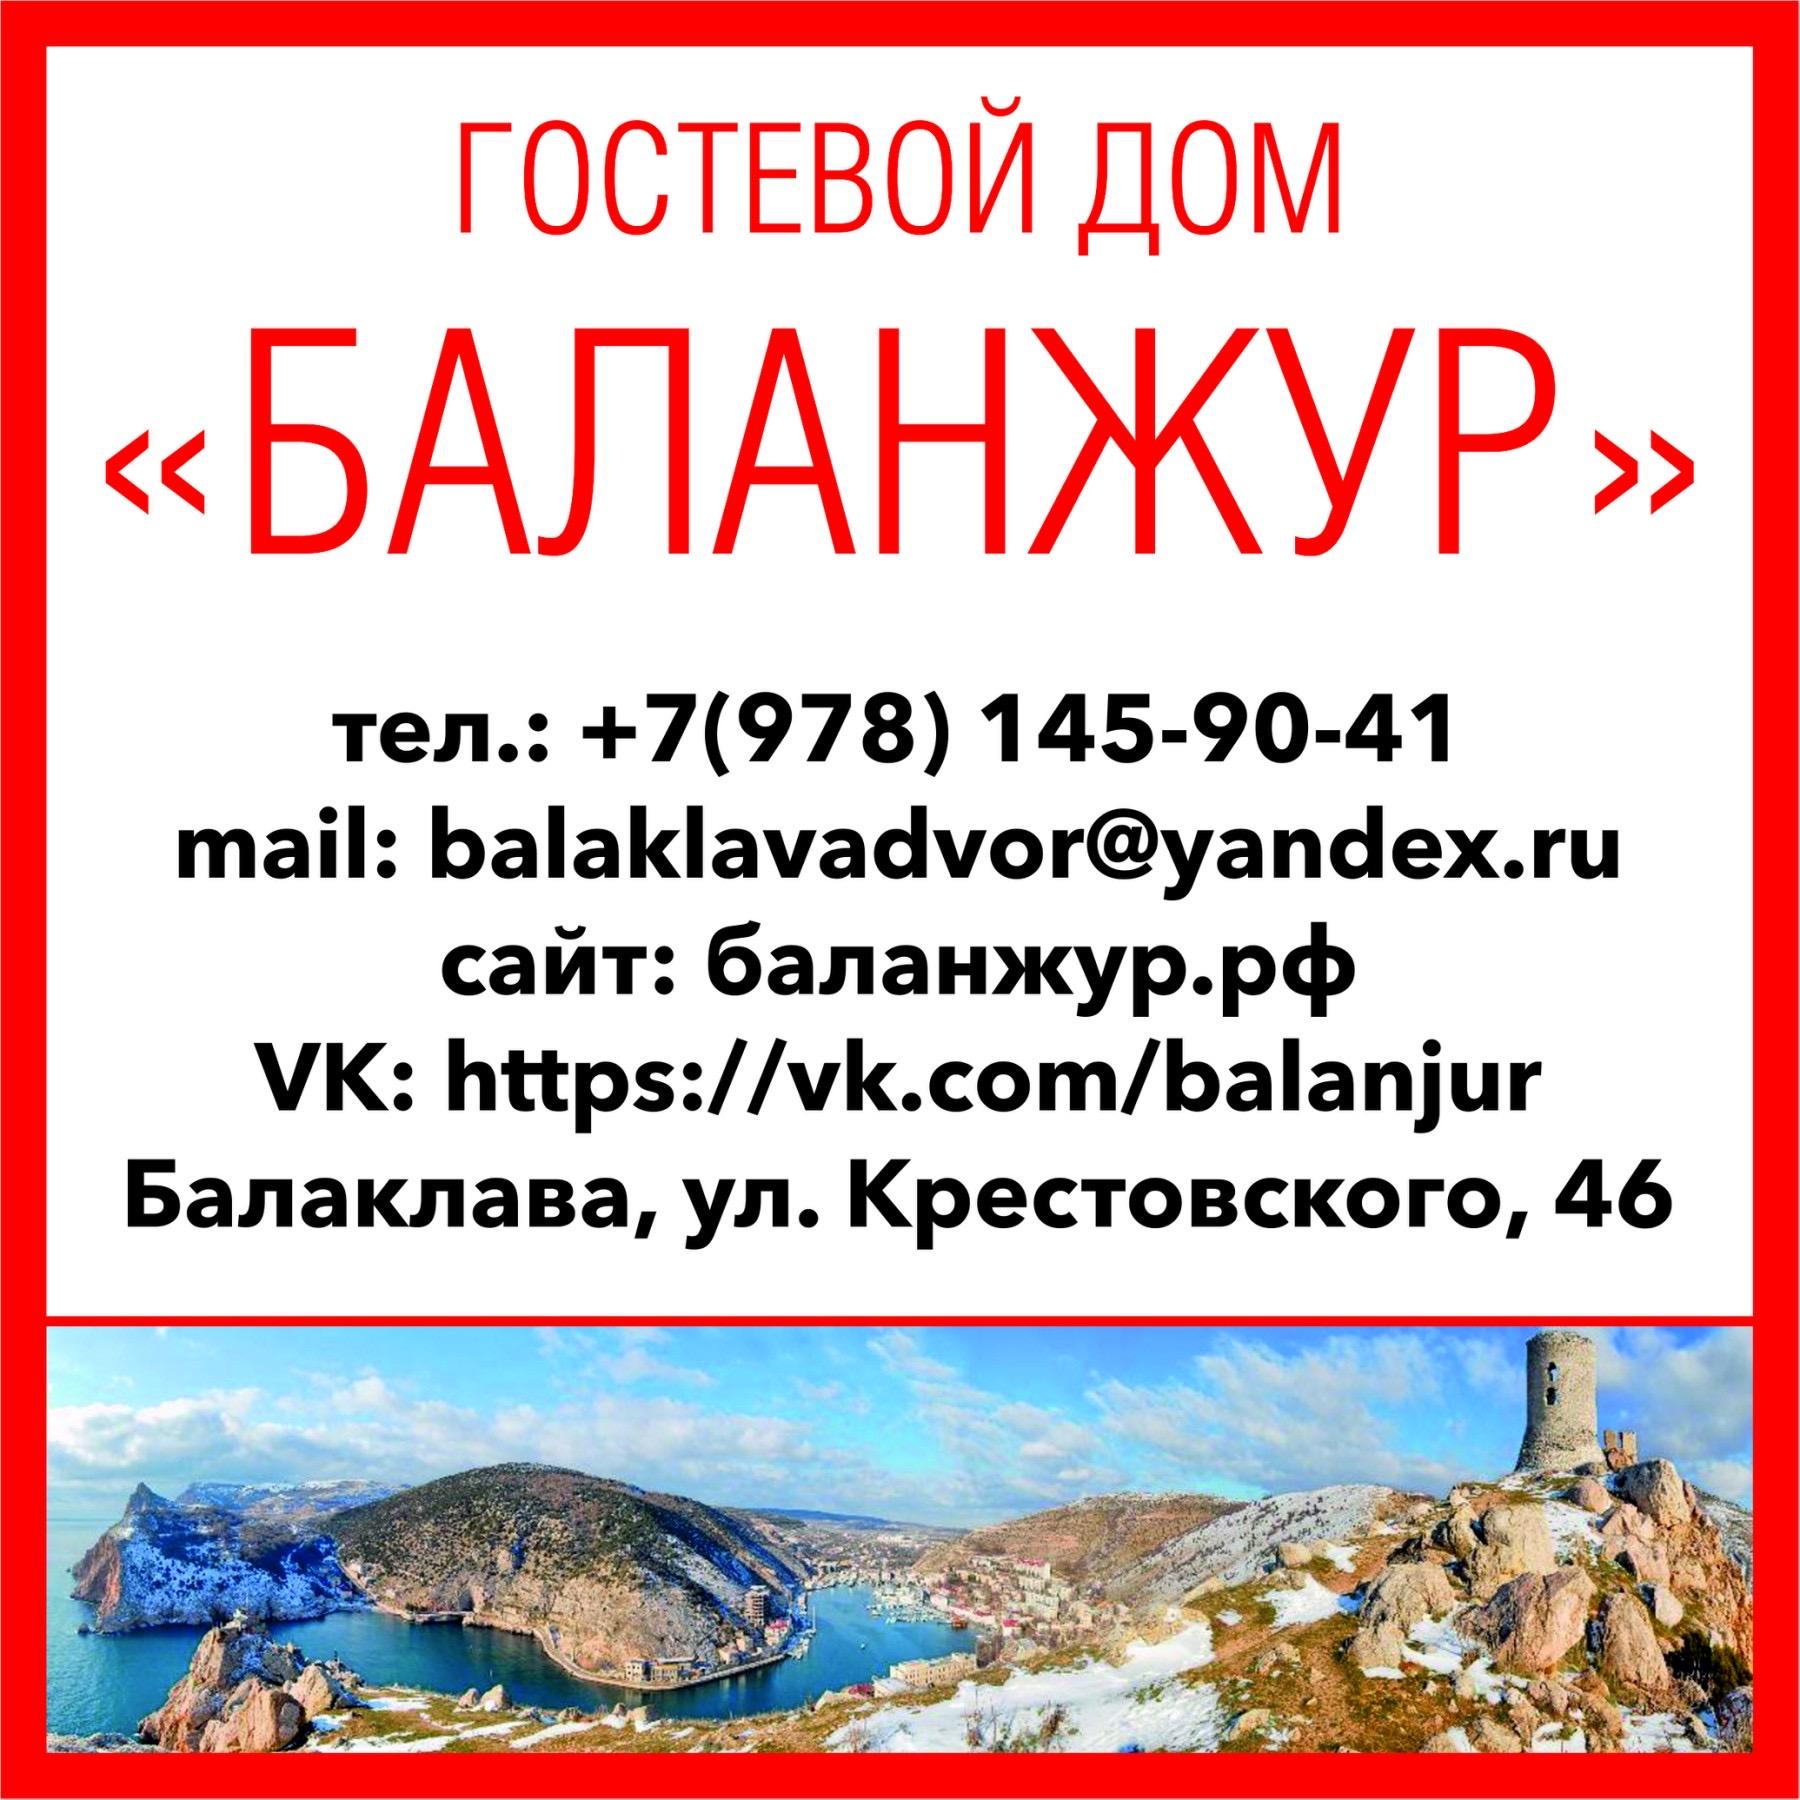 BalangurГостевойДом